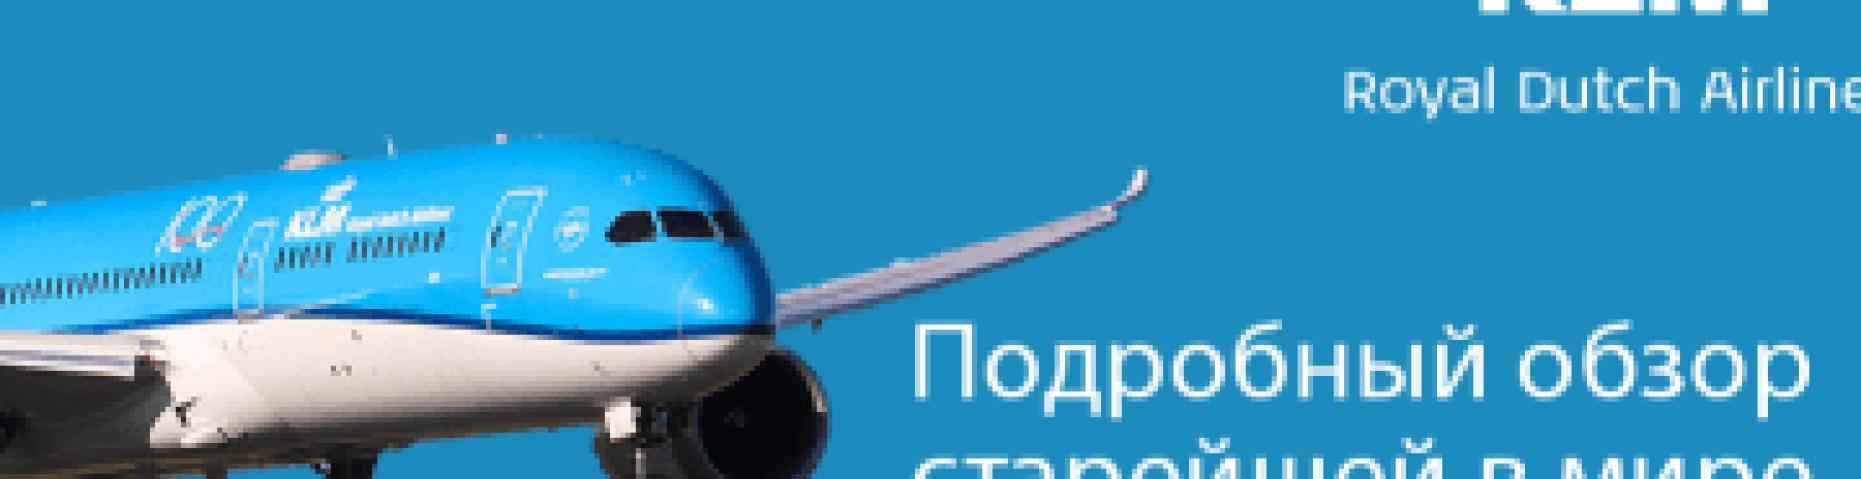 Заглавное фото для обора KLM